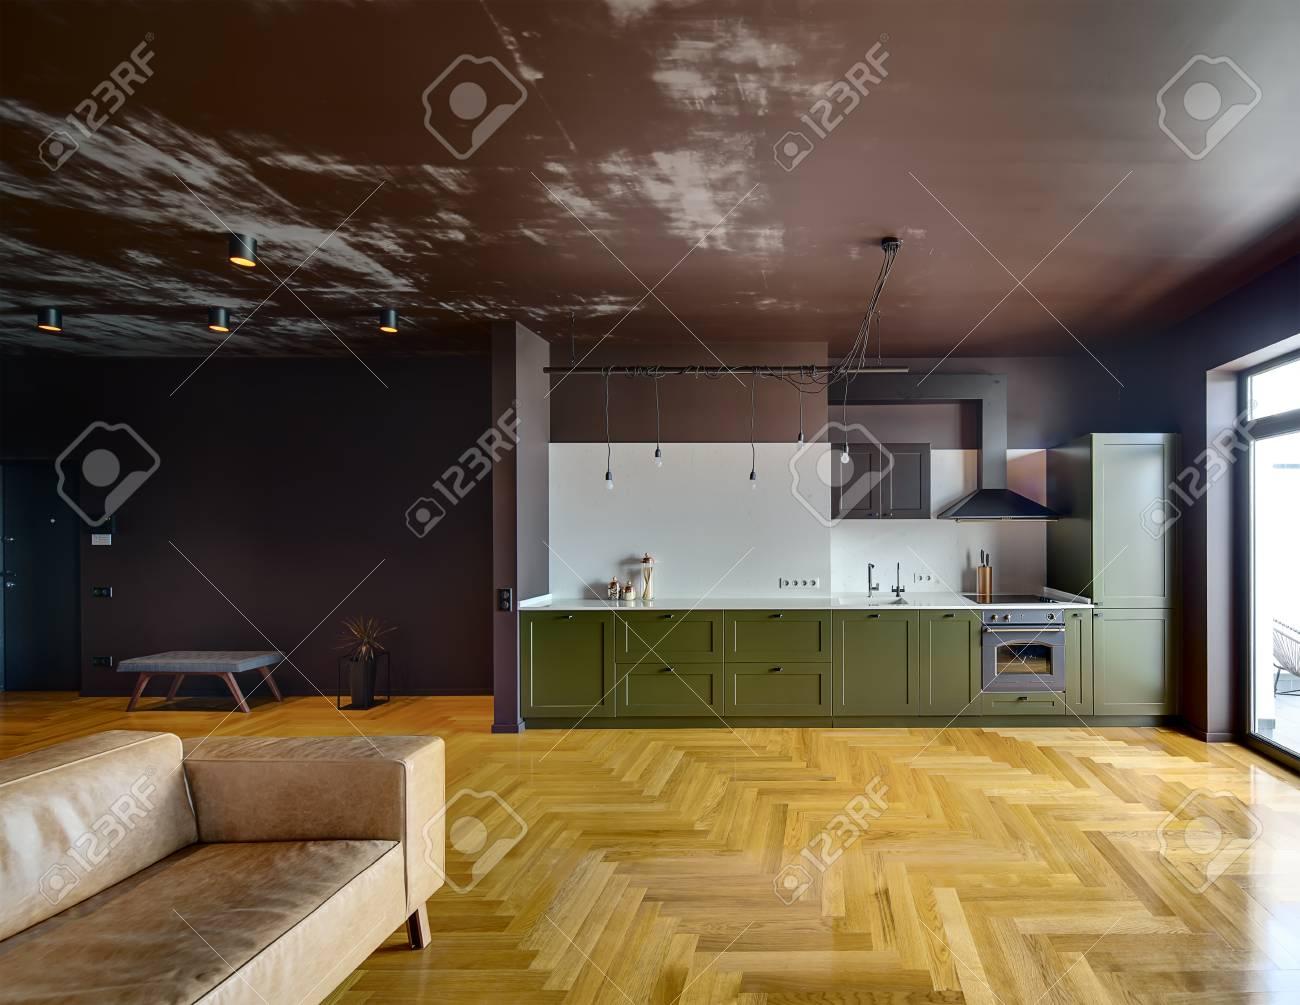 Immagini Stock - Appartamento In Stile Moderno Con Pareti Scure E ...